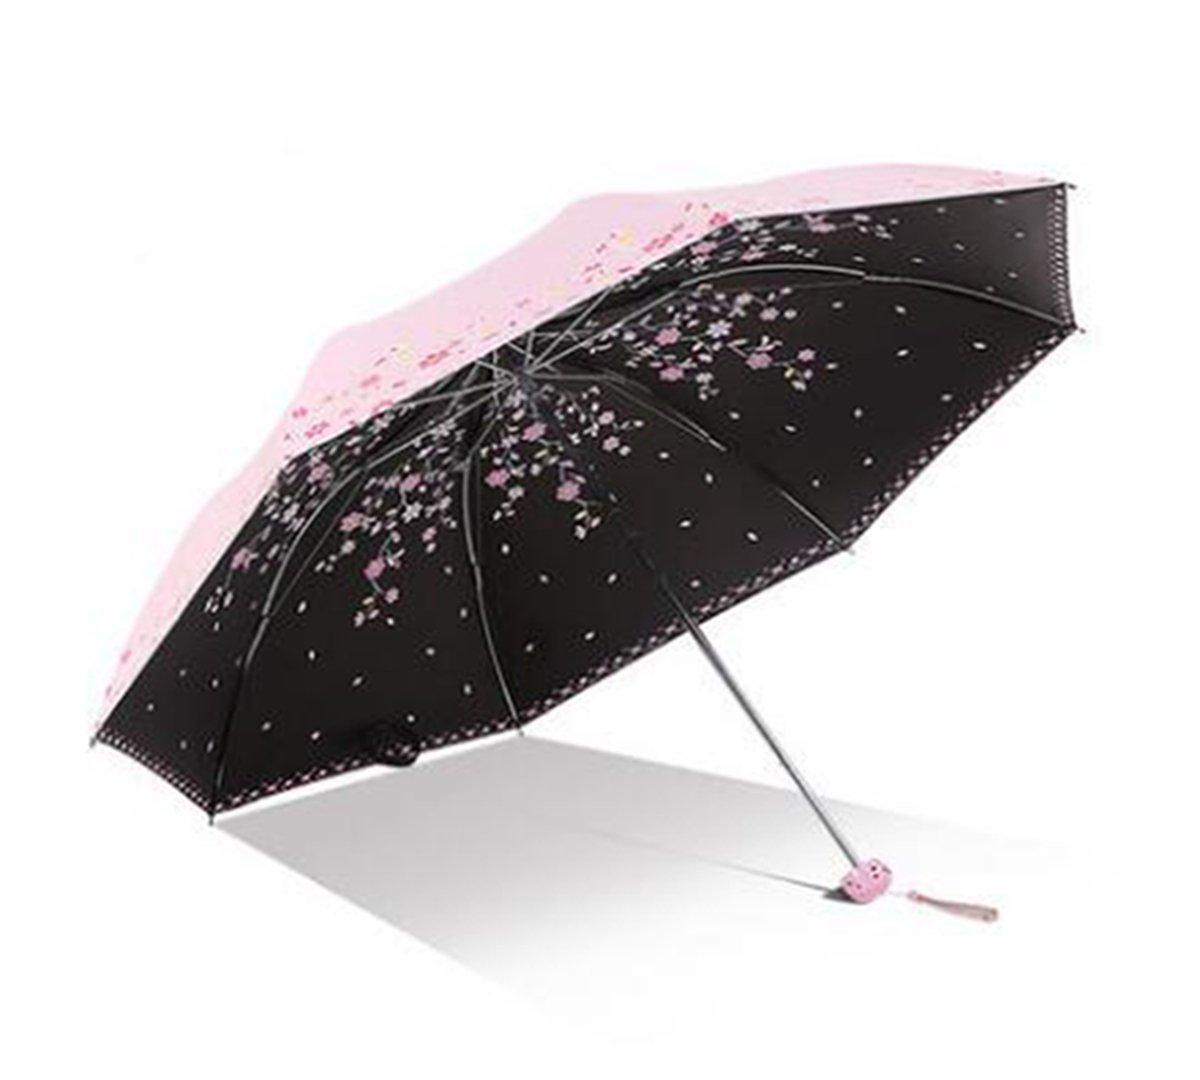 TysLDss Paradise Paraguas, sombrillas, protección Solar, protección UV, sombrillas, Ultraligero, Clima, Paraguas Plegable,Estilo C: Amazon.es: Deportes y ...